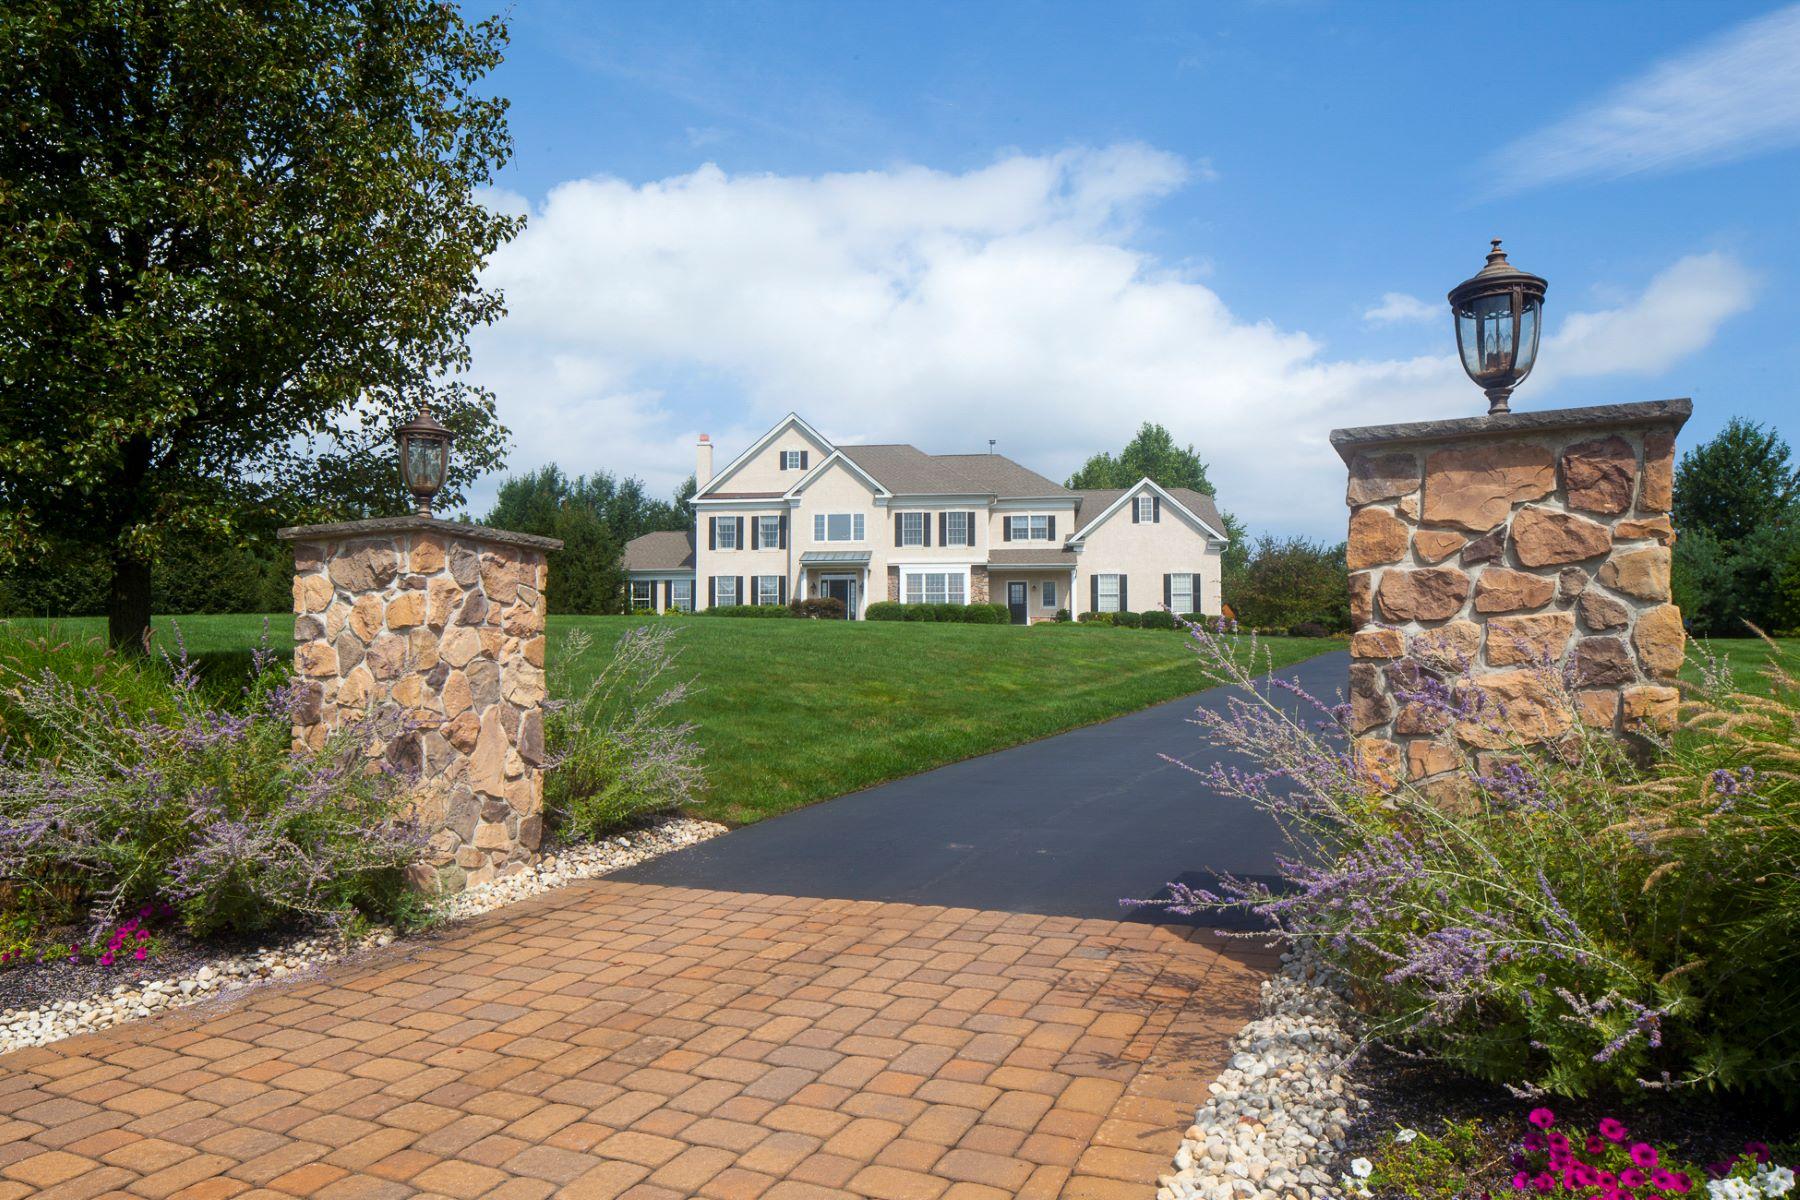 一戸建て のために 売買 アット Beautifully Appointed in Scenic Skillman 25 Sheppards Way Skillman, ニュージャージー 08558 アメリカ合衆国で/アラウンド: Montgomery Township